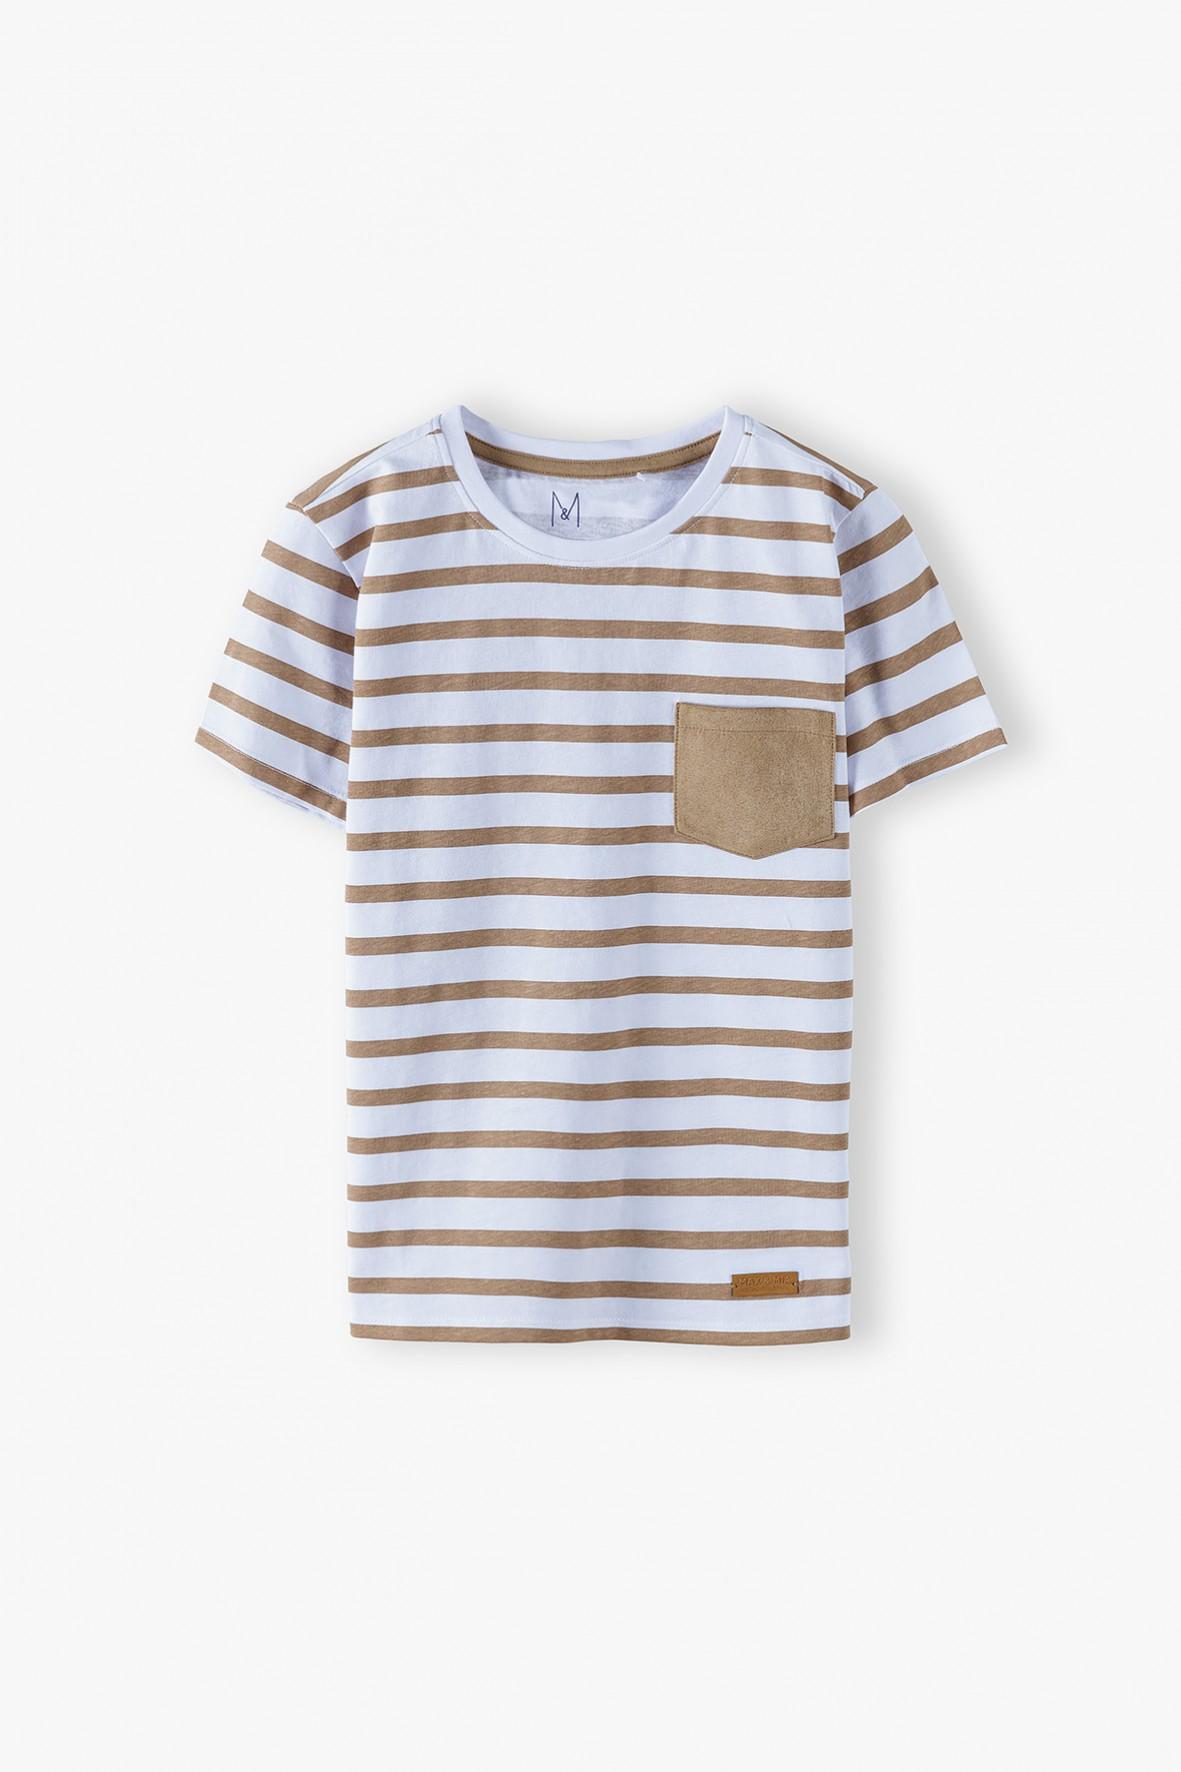 Bawełniana t-shirt chłopięcy w paski z kieszonką